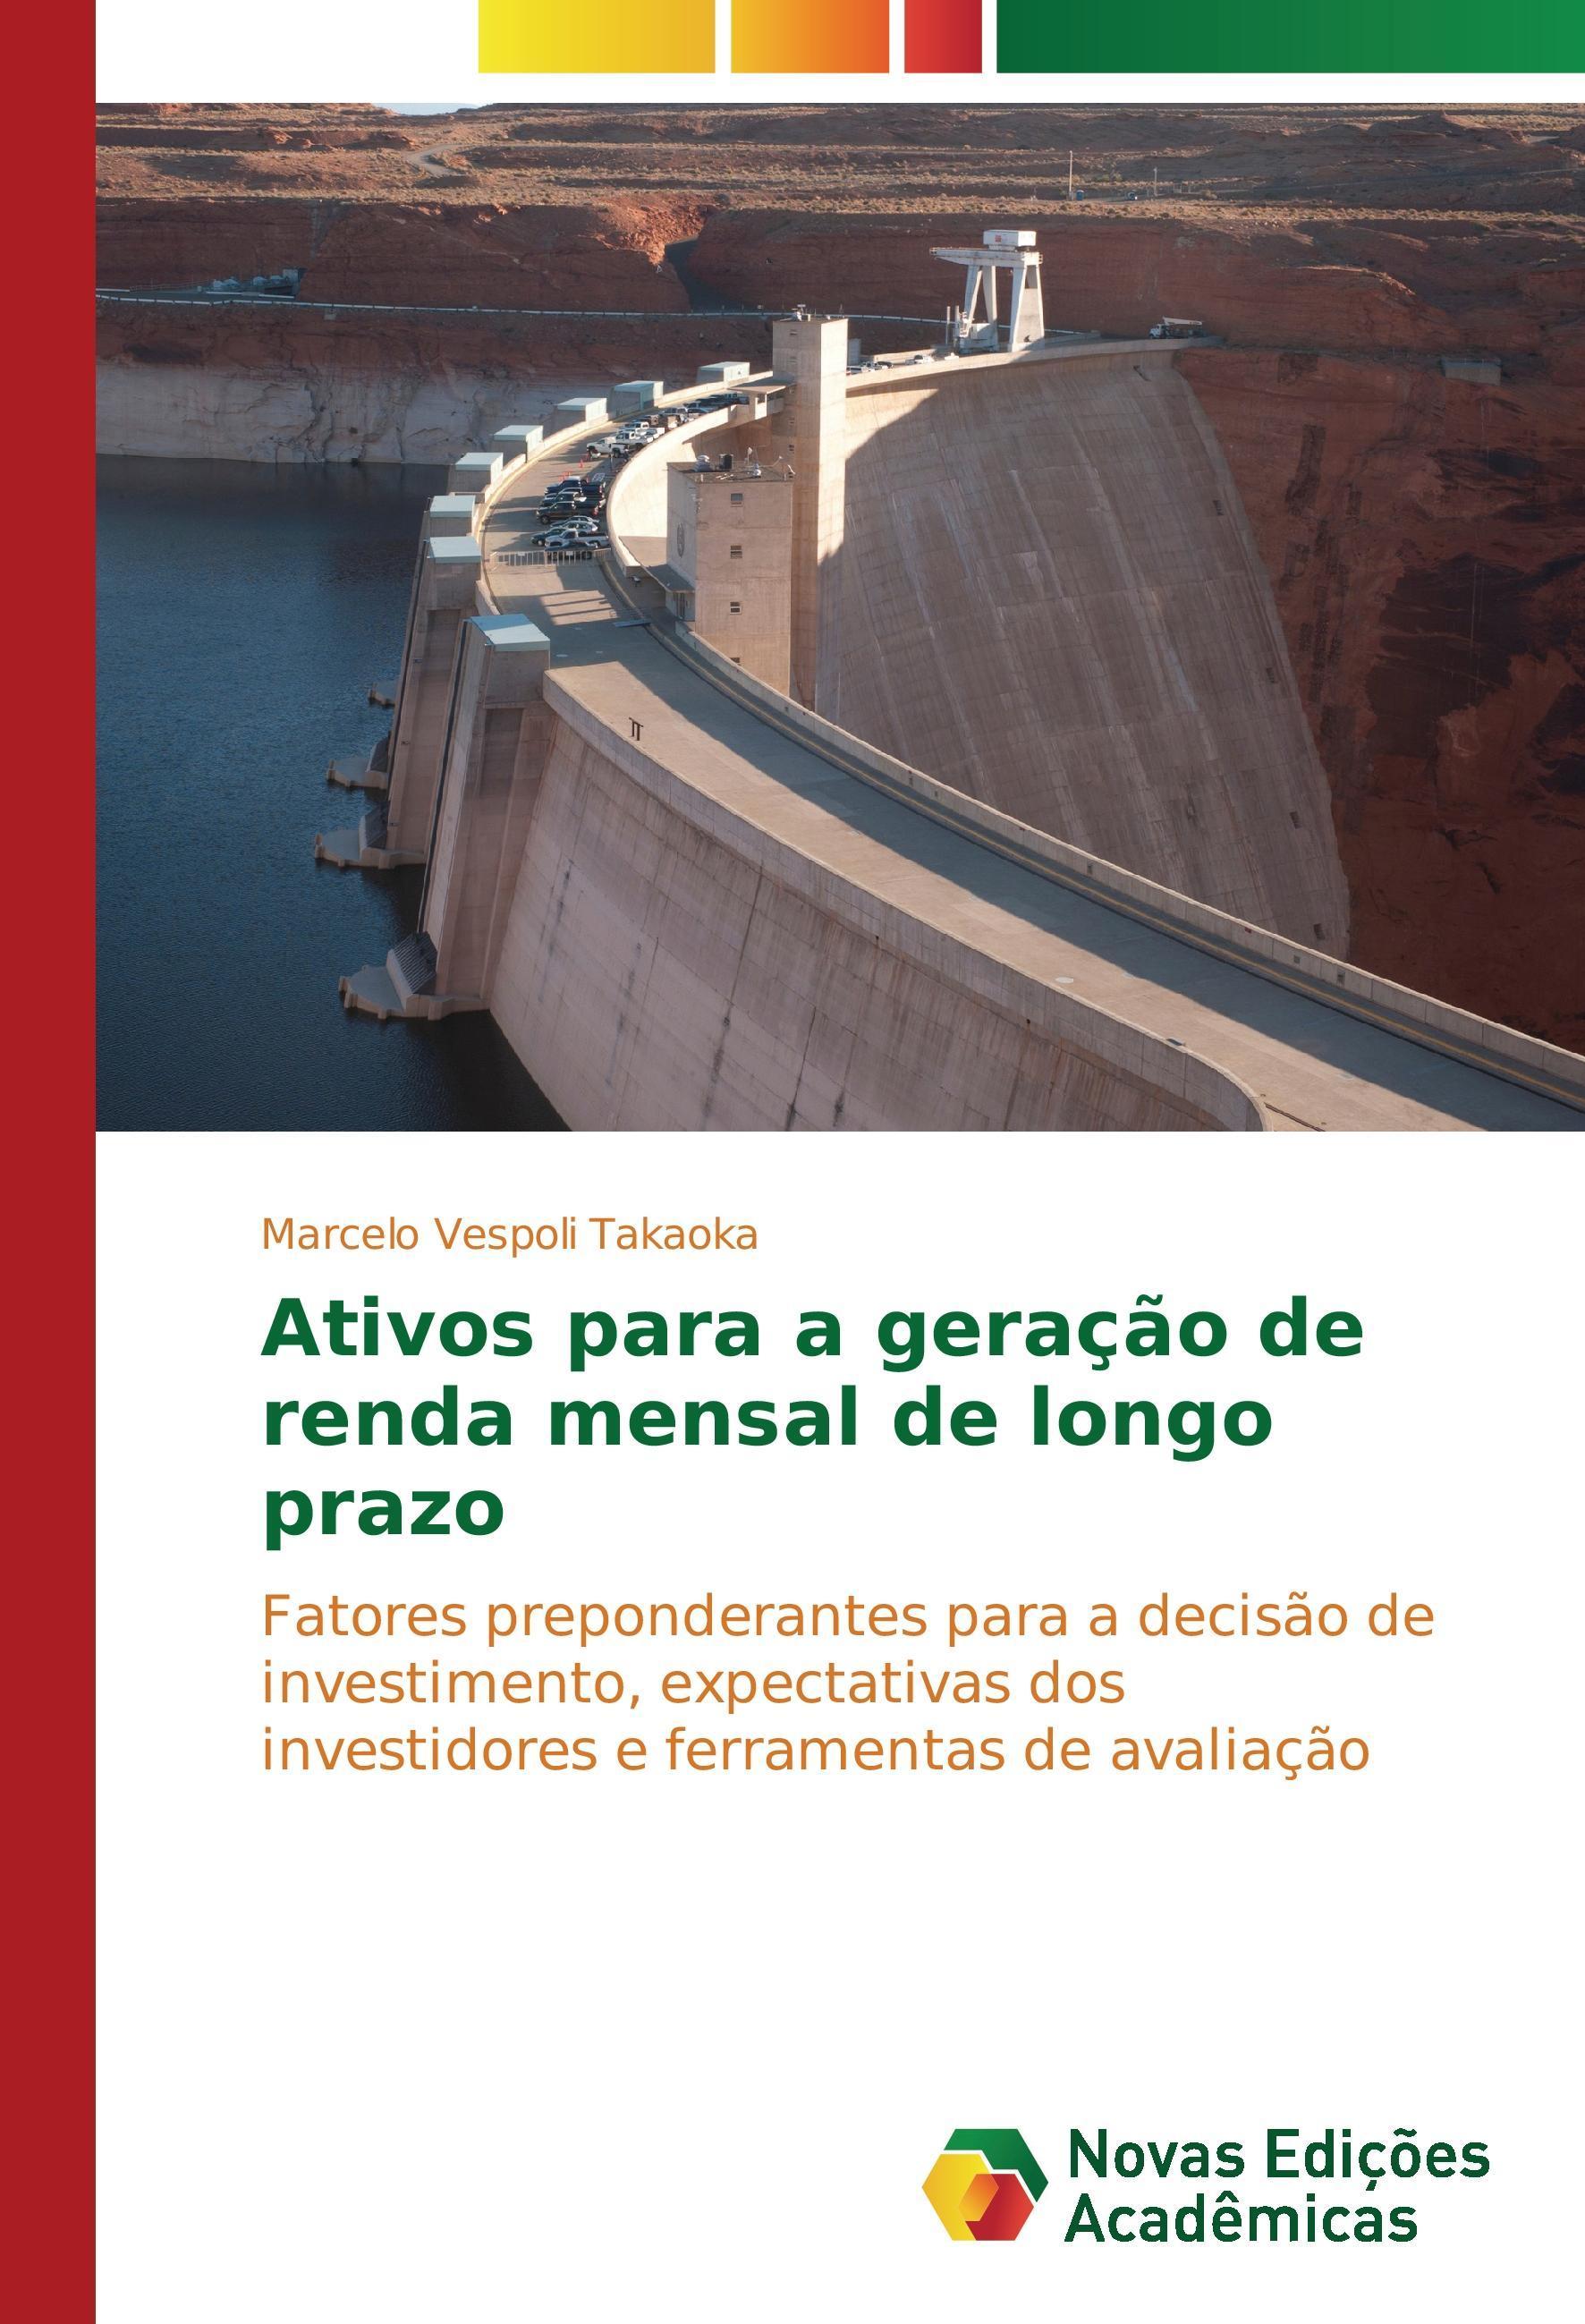 Ativos para a geração de renda mensal de longo prazo - Vespoli Takaoka, Marcelo